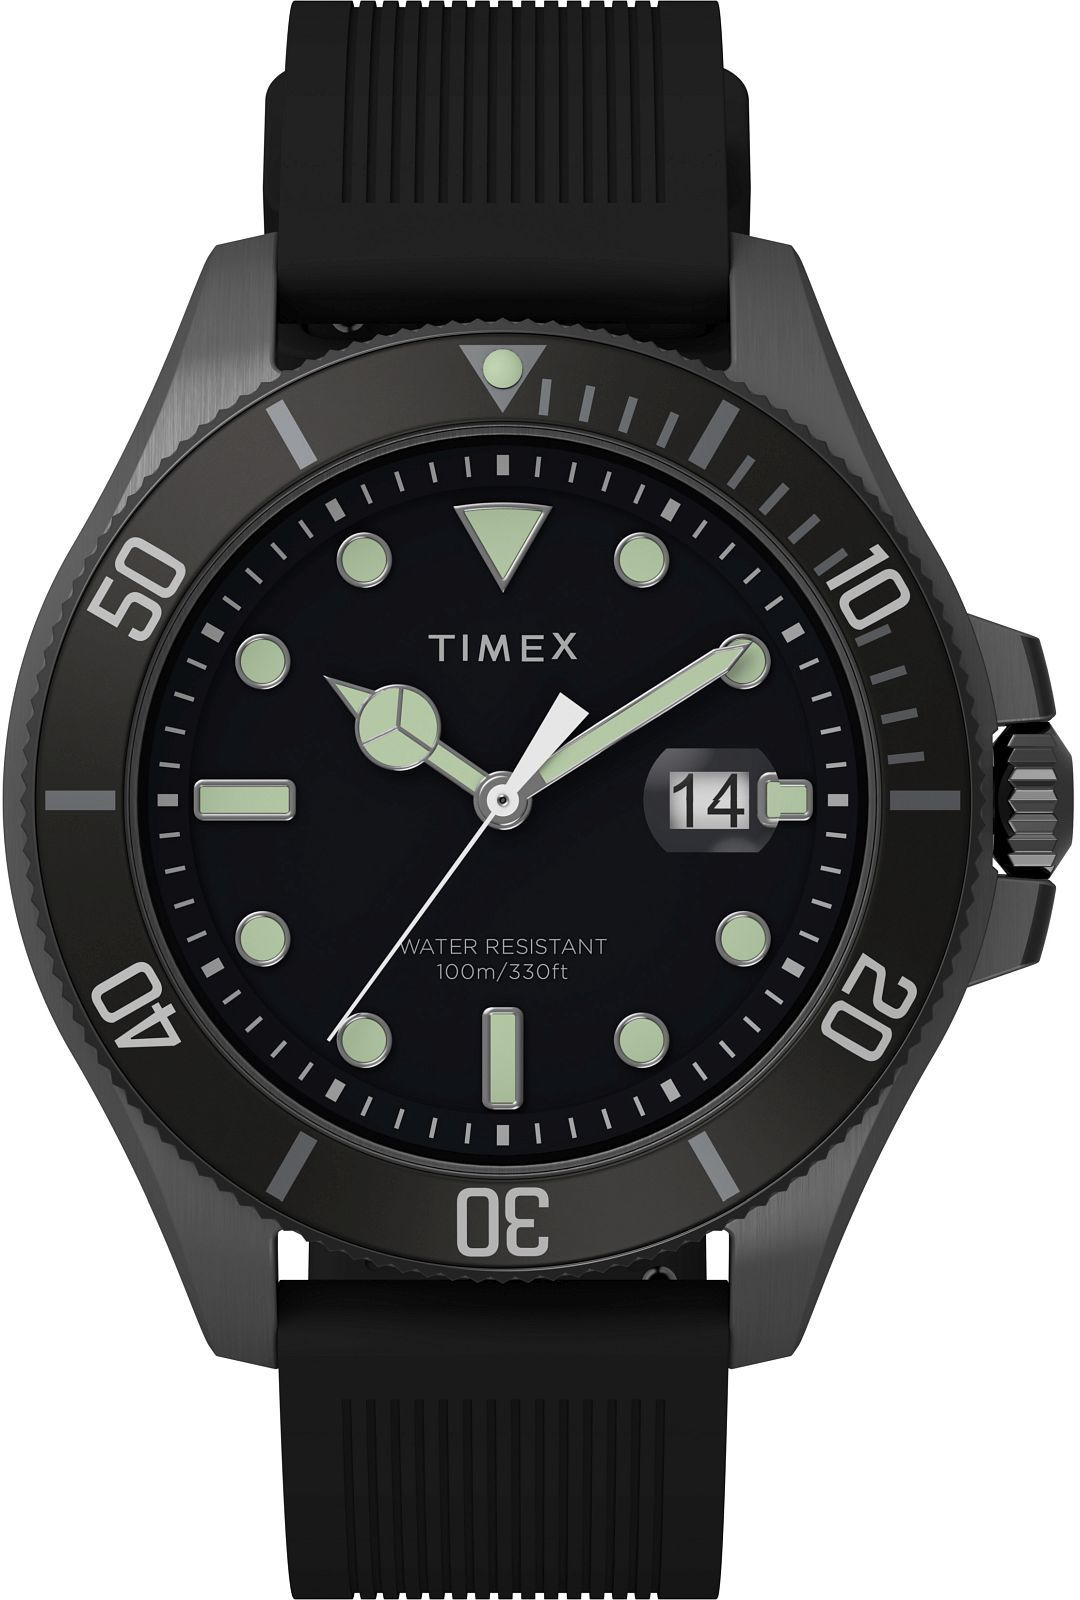 Timex TW2U42000 > Wysyłka tego samego dnia Grawer 0zł Darmowa dostawa Kurierem/Inpost Darmowy zwrot przez 100 DNI